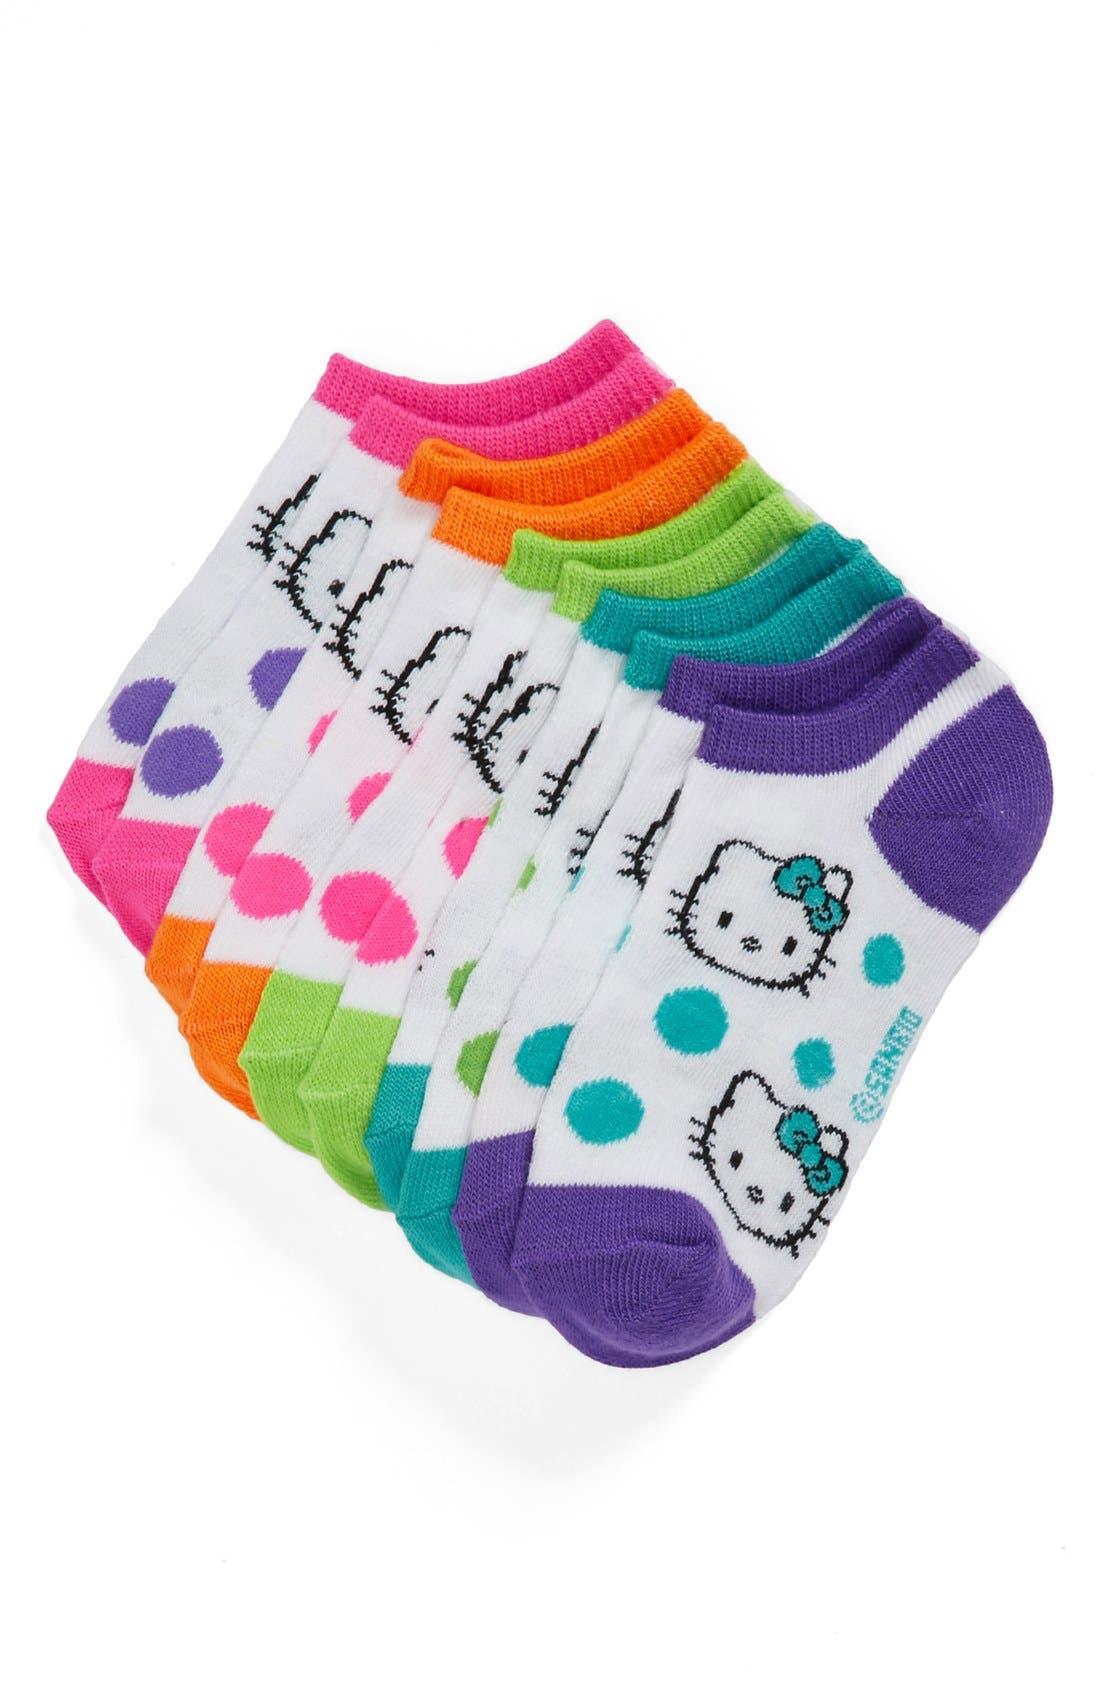 Alternate Image 1 Selected - Hello Kitty® 'Dot' Socks (5-Pack) (Walker Girls & Toddler Girls)